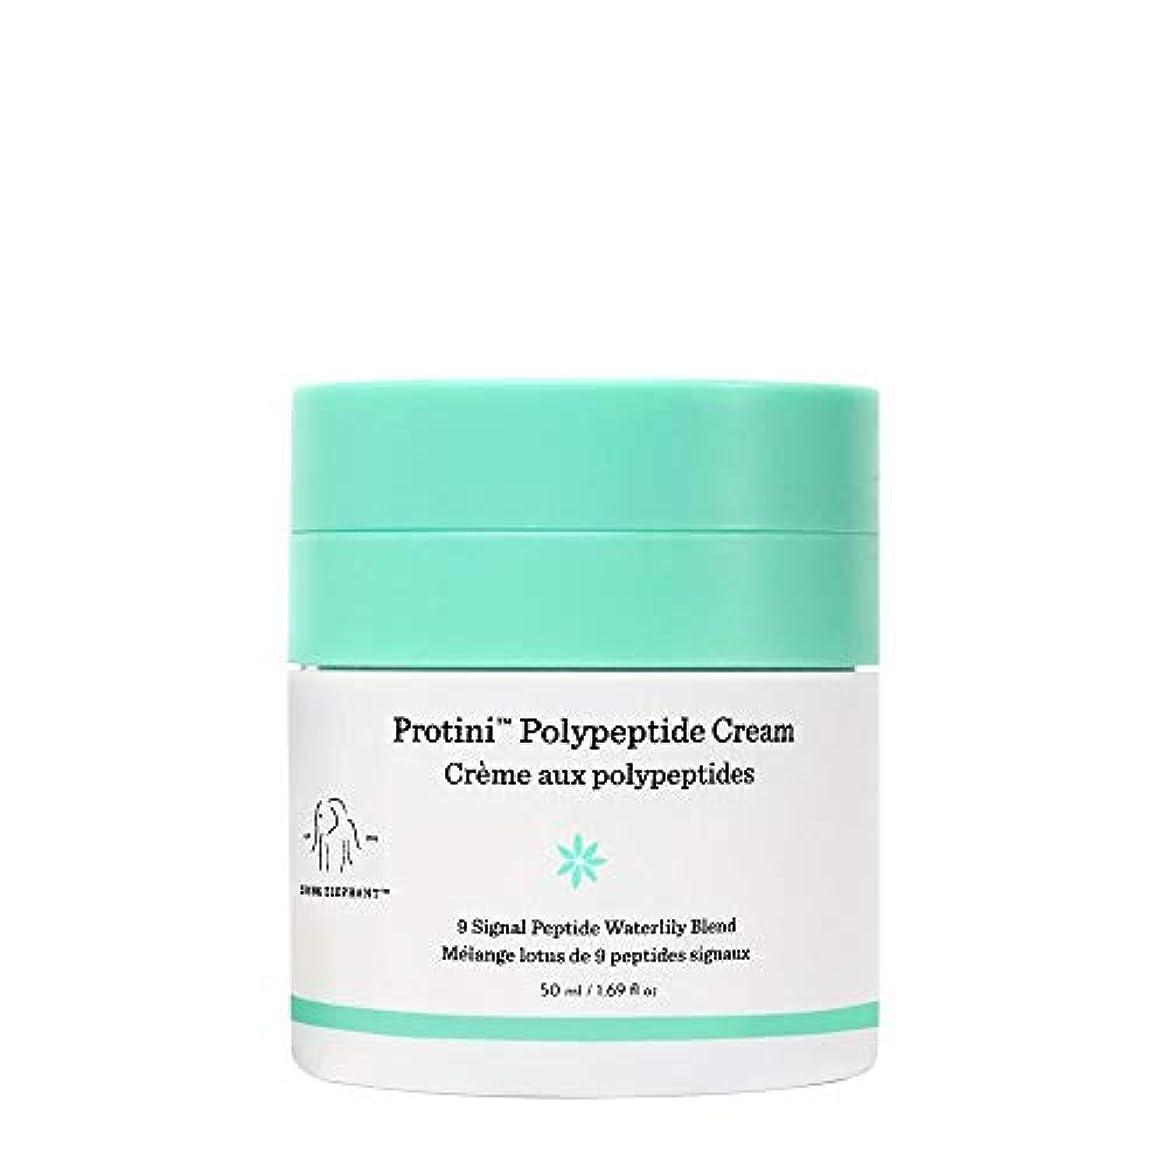 ページ木製ウェブDRUNK ELEPHANT Protini Polypeptide Cream 1.69 oz/ 50 ml ドランクエレファント プロティーニ ポリペプタイド クリーム 1.69 oz/ 50 ml